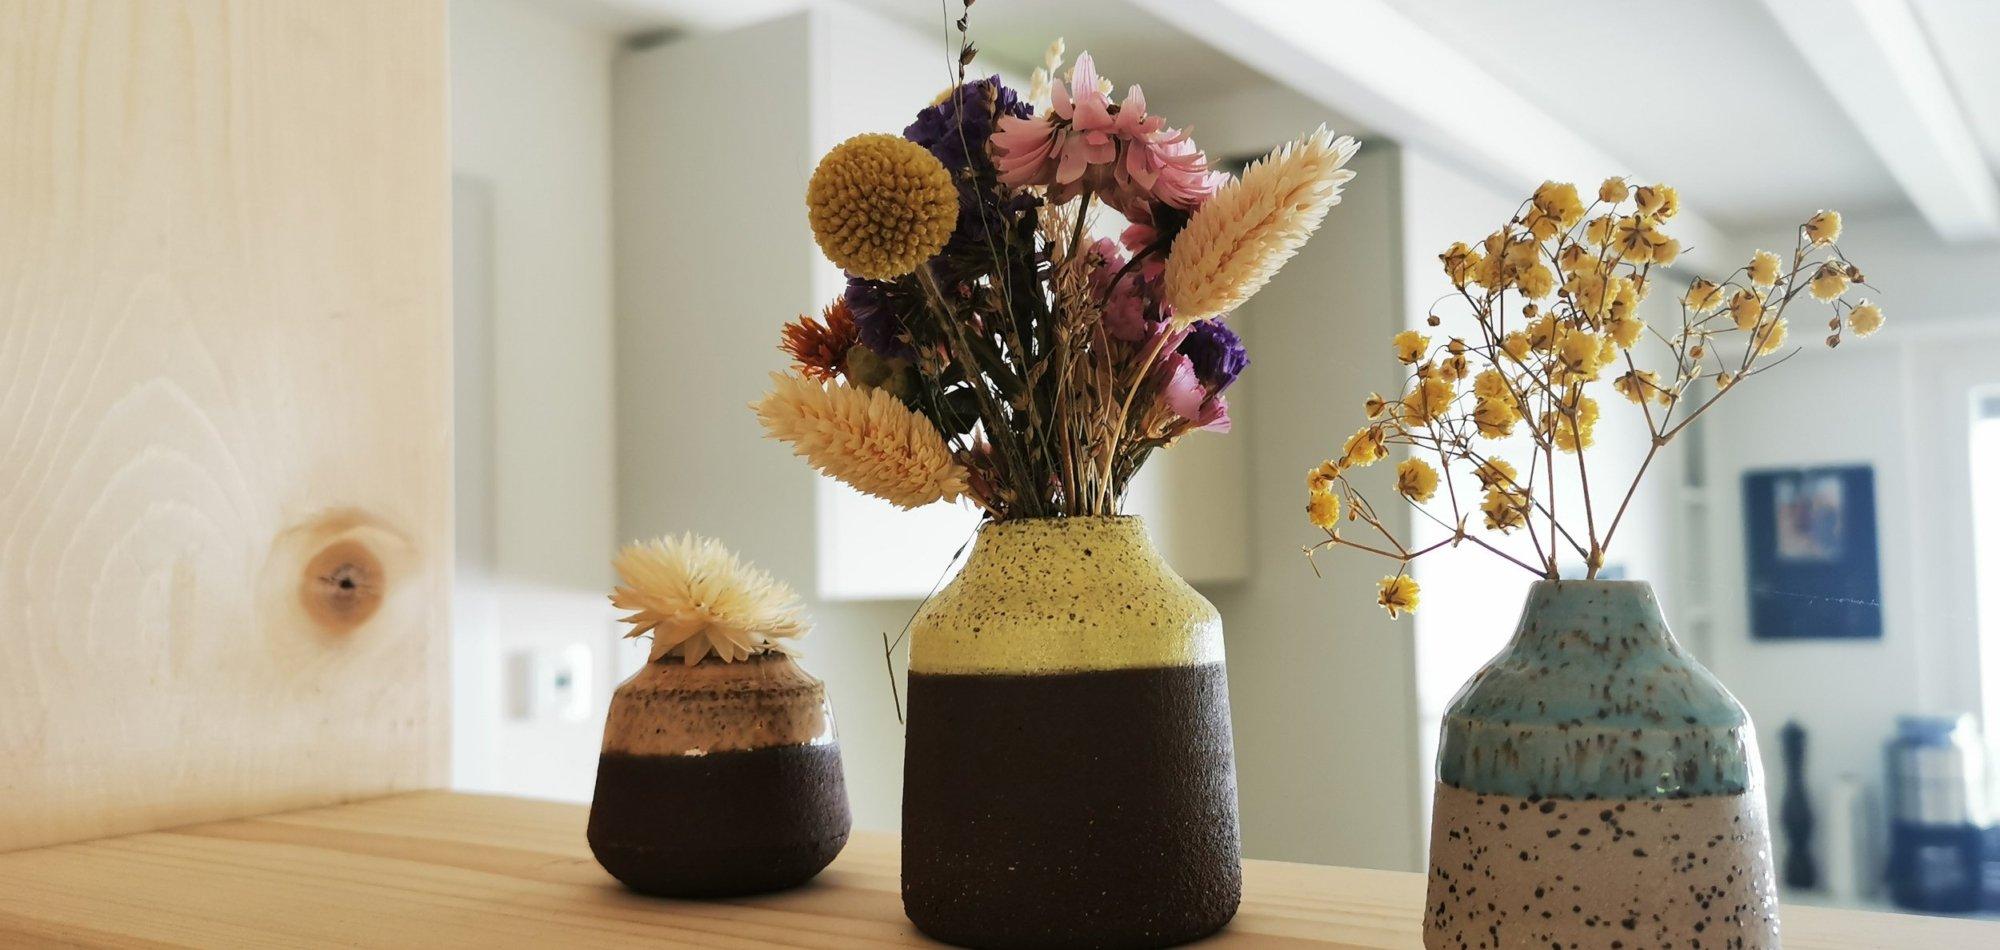 Blumendekoration in der neuen Fachwerkwand